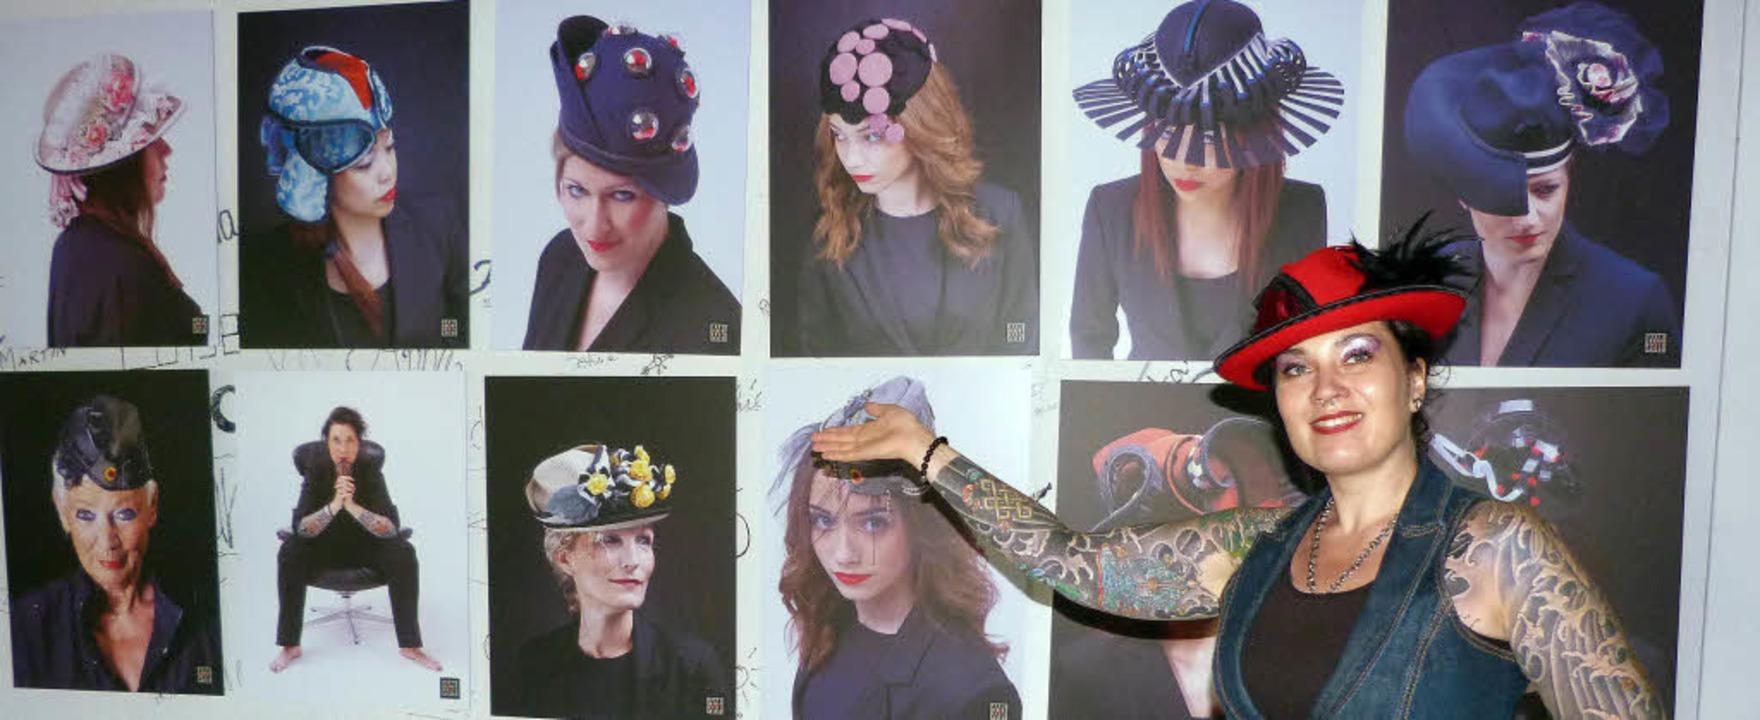 Die Freiburger Hutdesignerin Mirija de...ihrer ersten Hutkollektion ausgewählt.    Foto: Christine Weirich